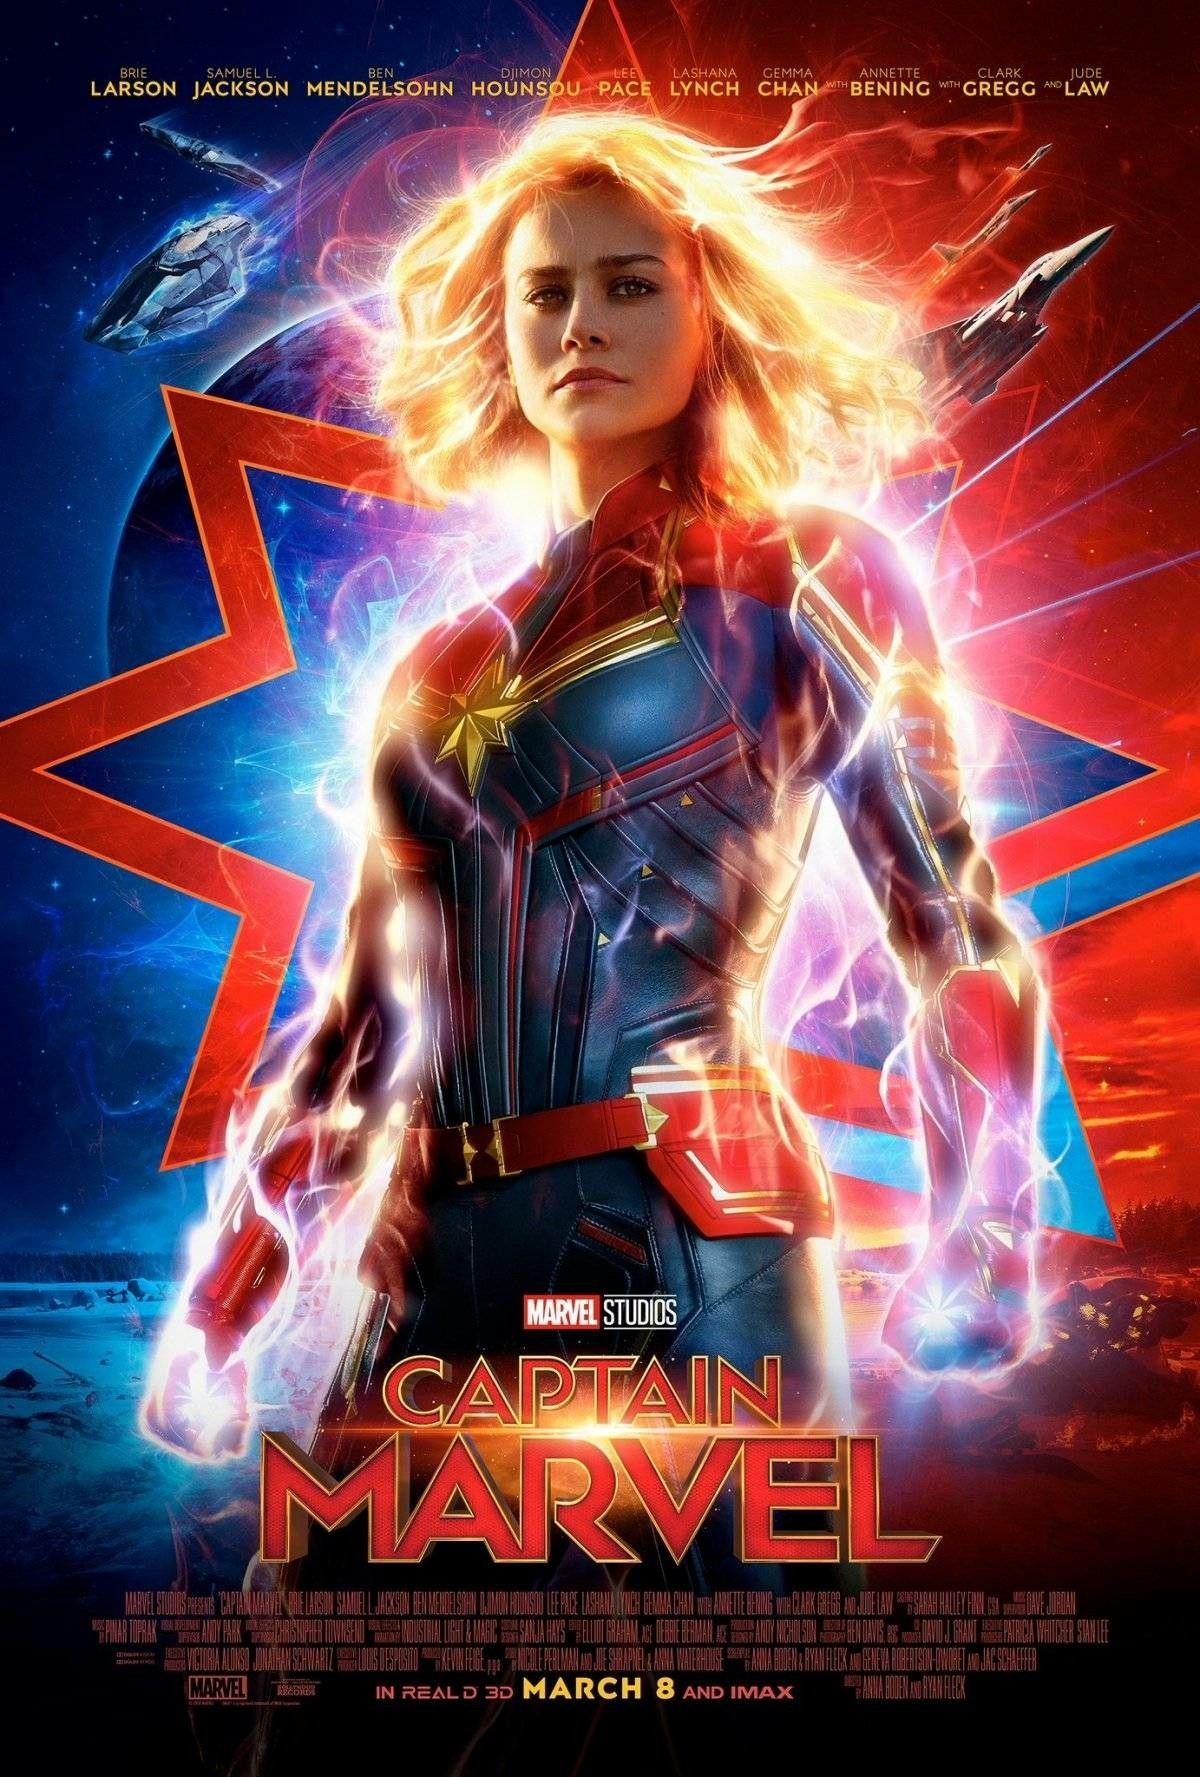 Pin De Allen Walker Em Marvel Comics Captain Marvel Filme Capita Marvel Filme Capita Marvel